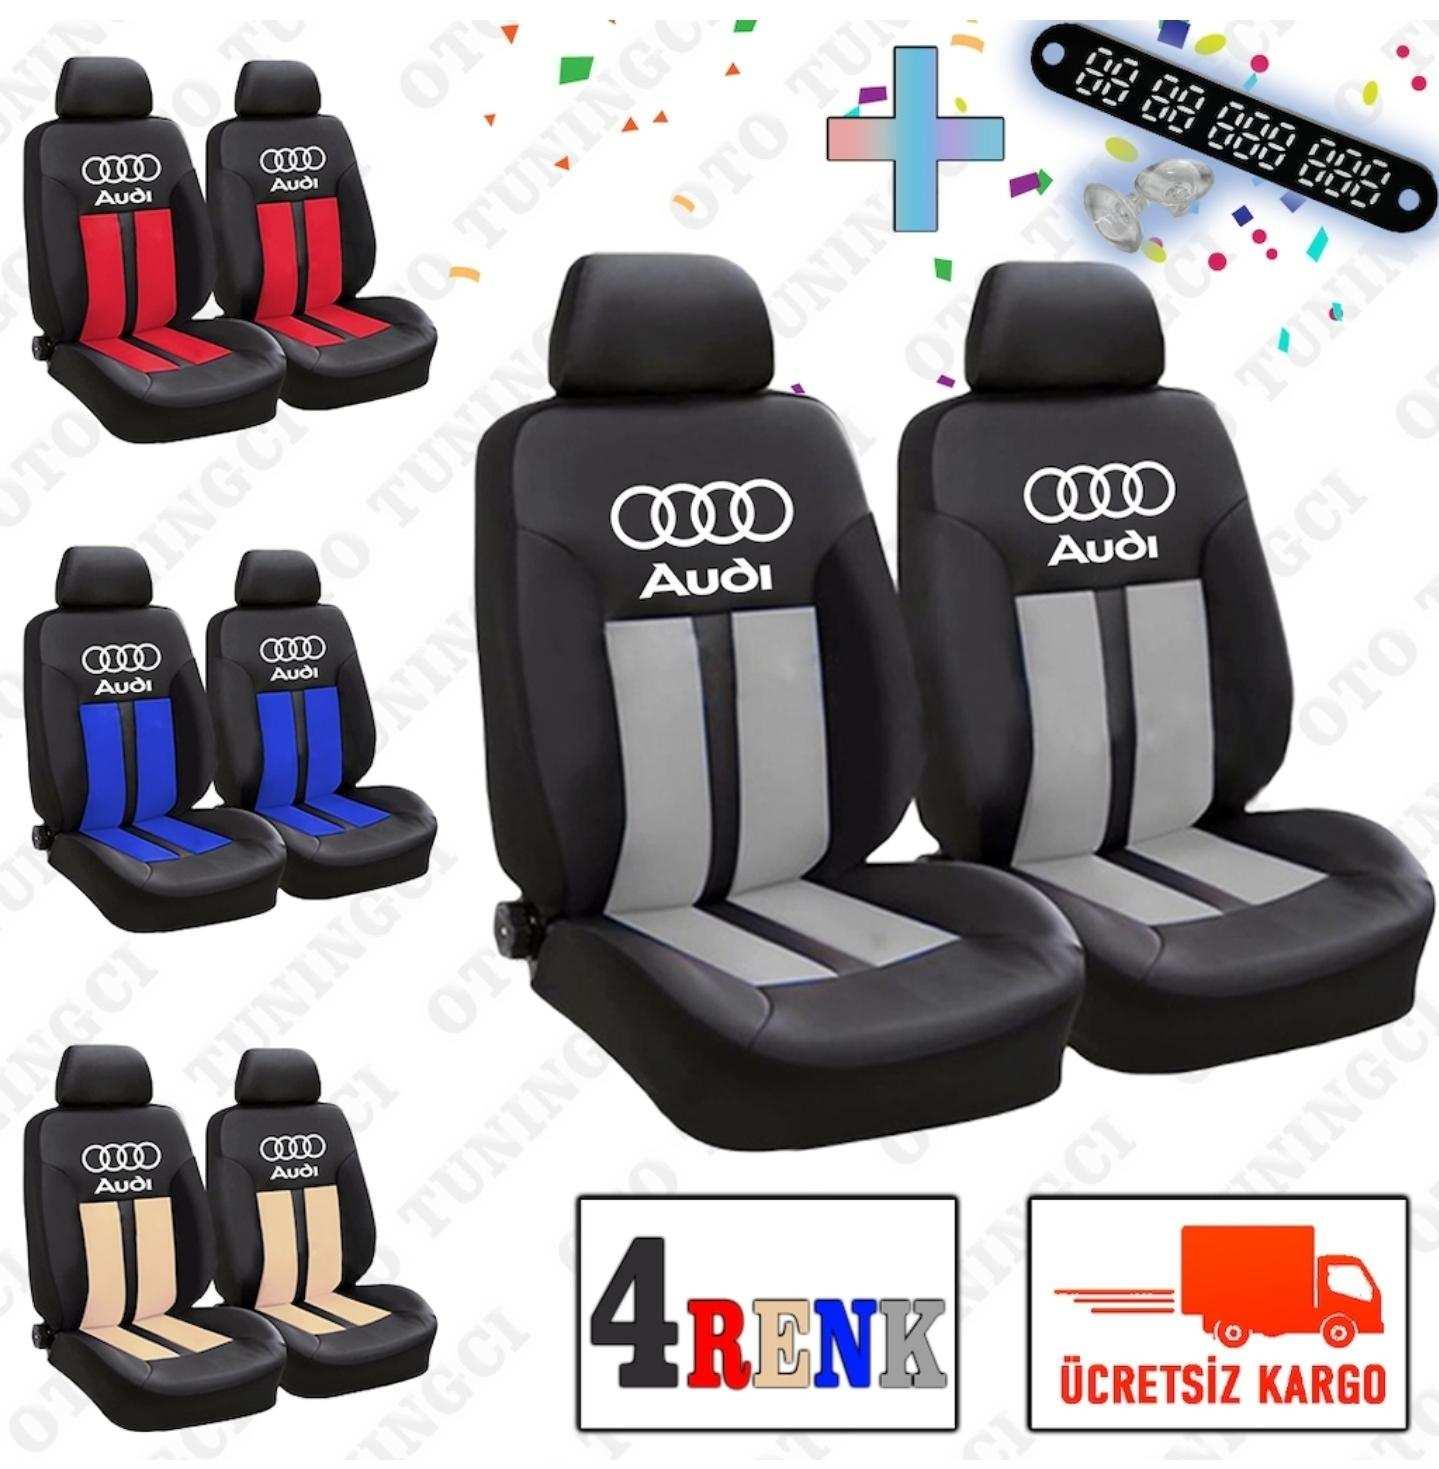 Audi SPOR Şeritli Arka Kılıf Dahil Oto Koltuk Kılıfı Set + Numaramatik Parktel HEDİYE